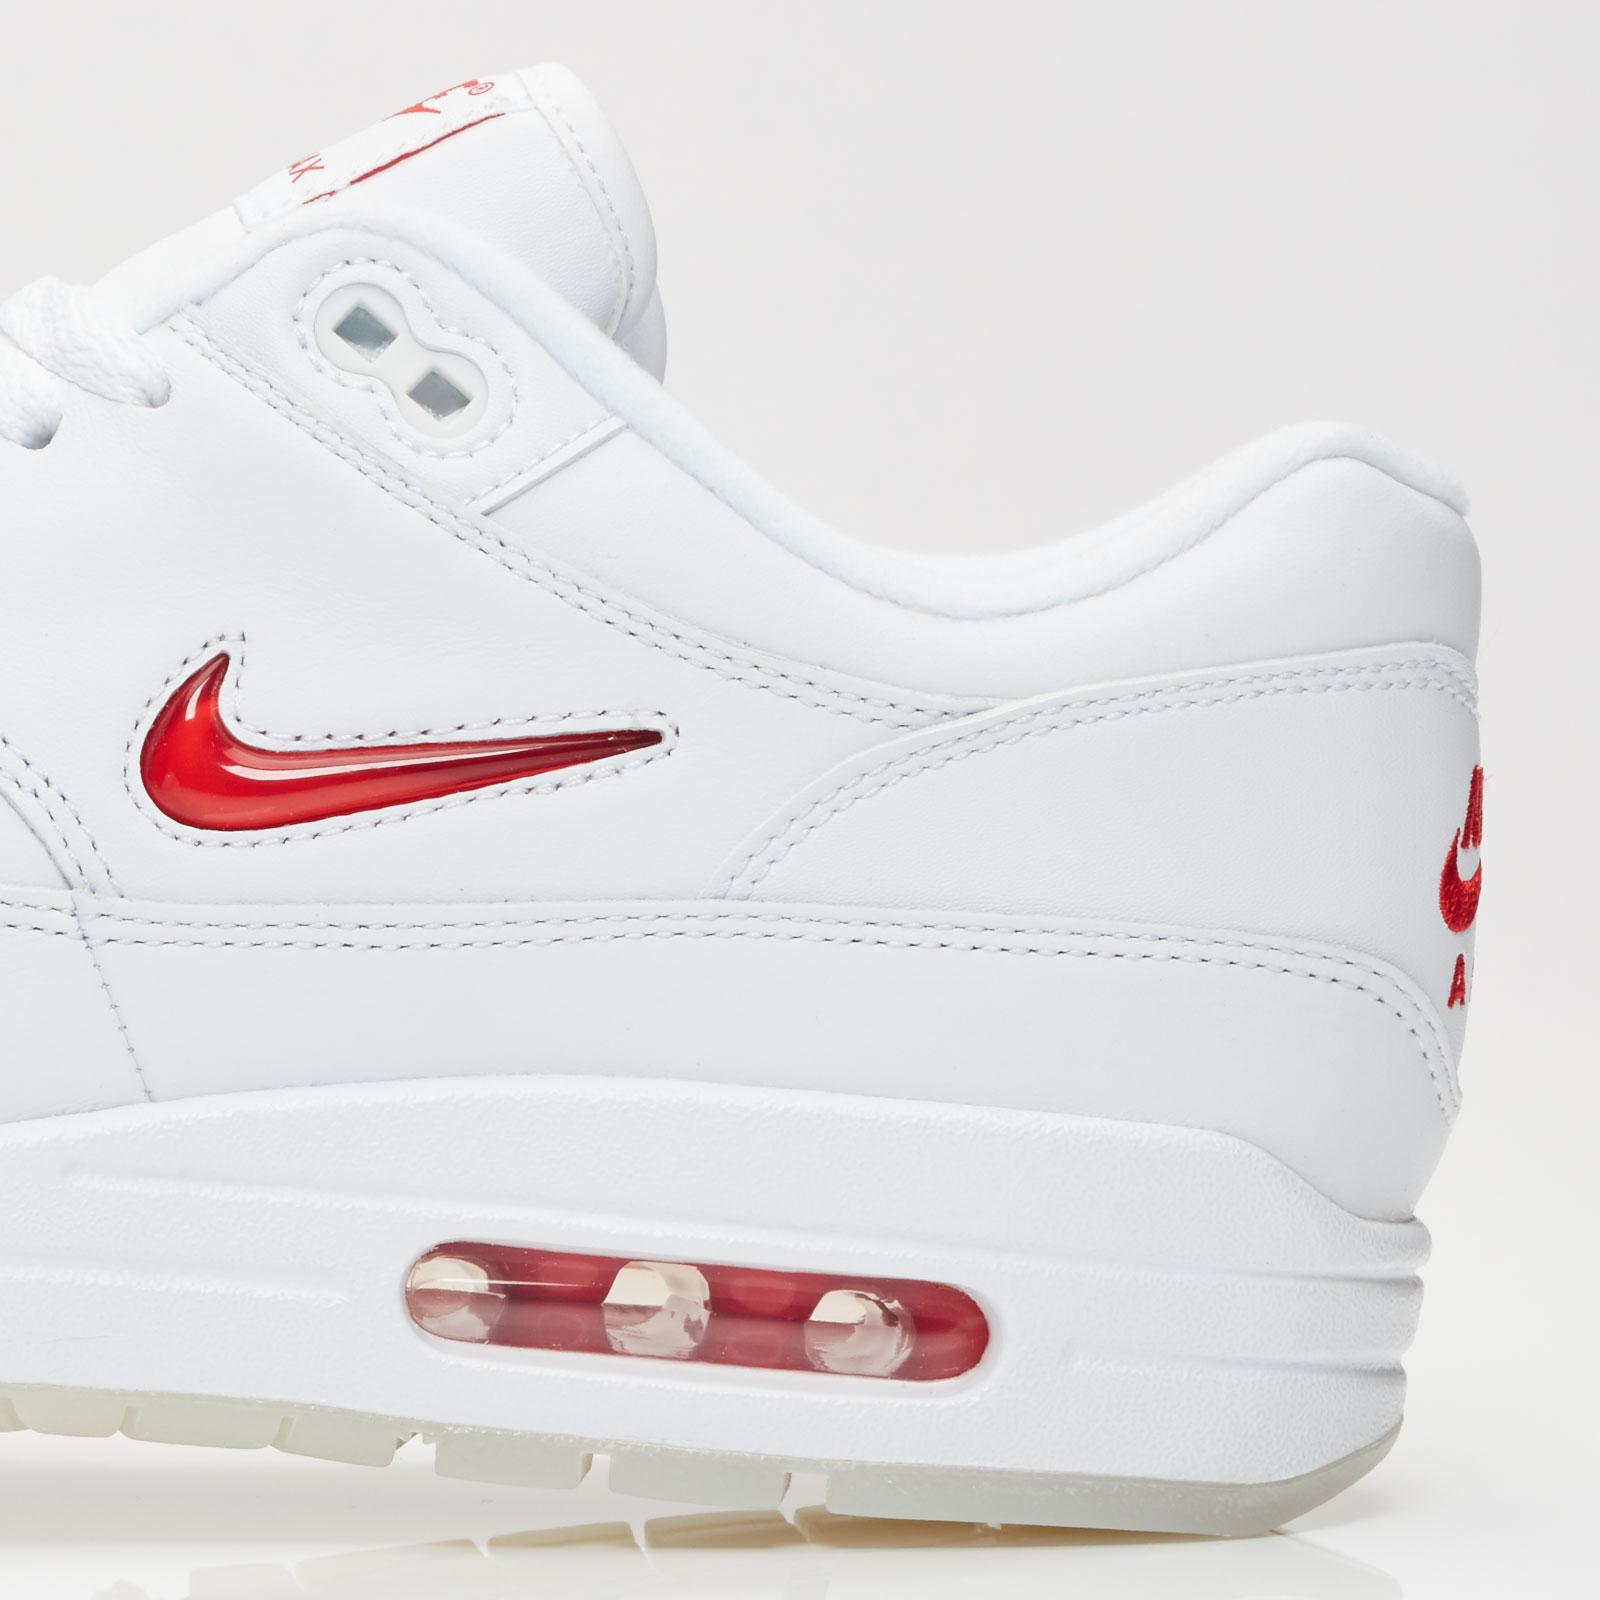 918354 Premium Nike Max Air 1 Sc SneakersnstuffSneakers 104 IbWeE9YDH2